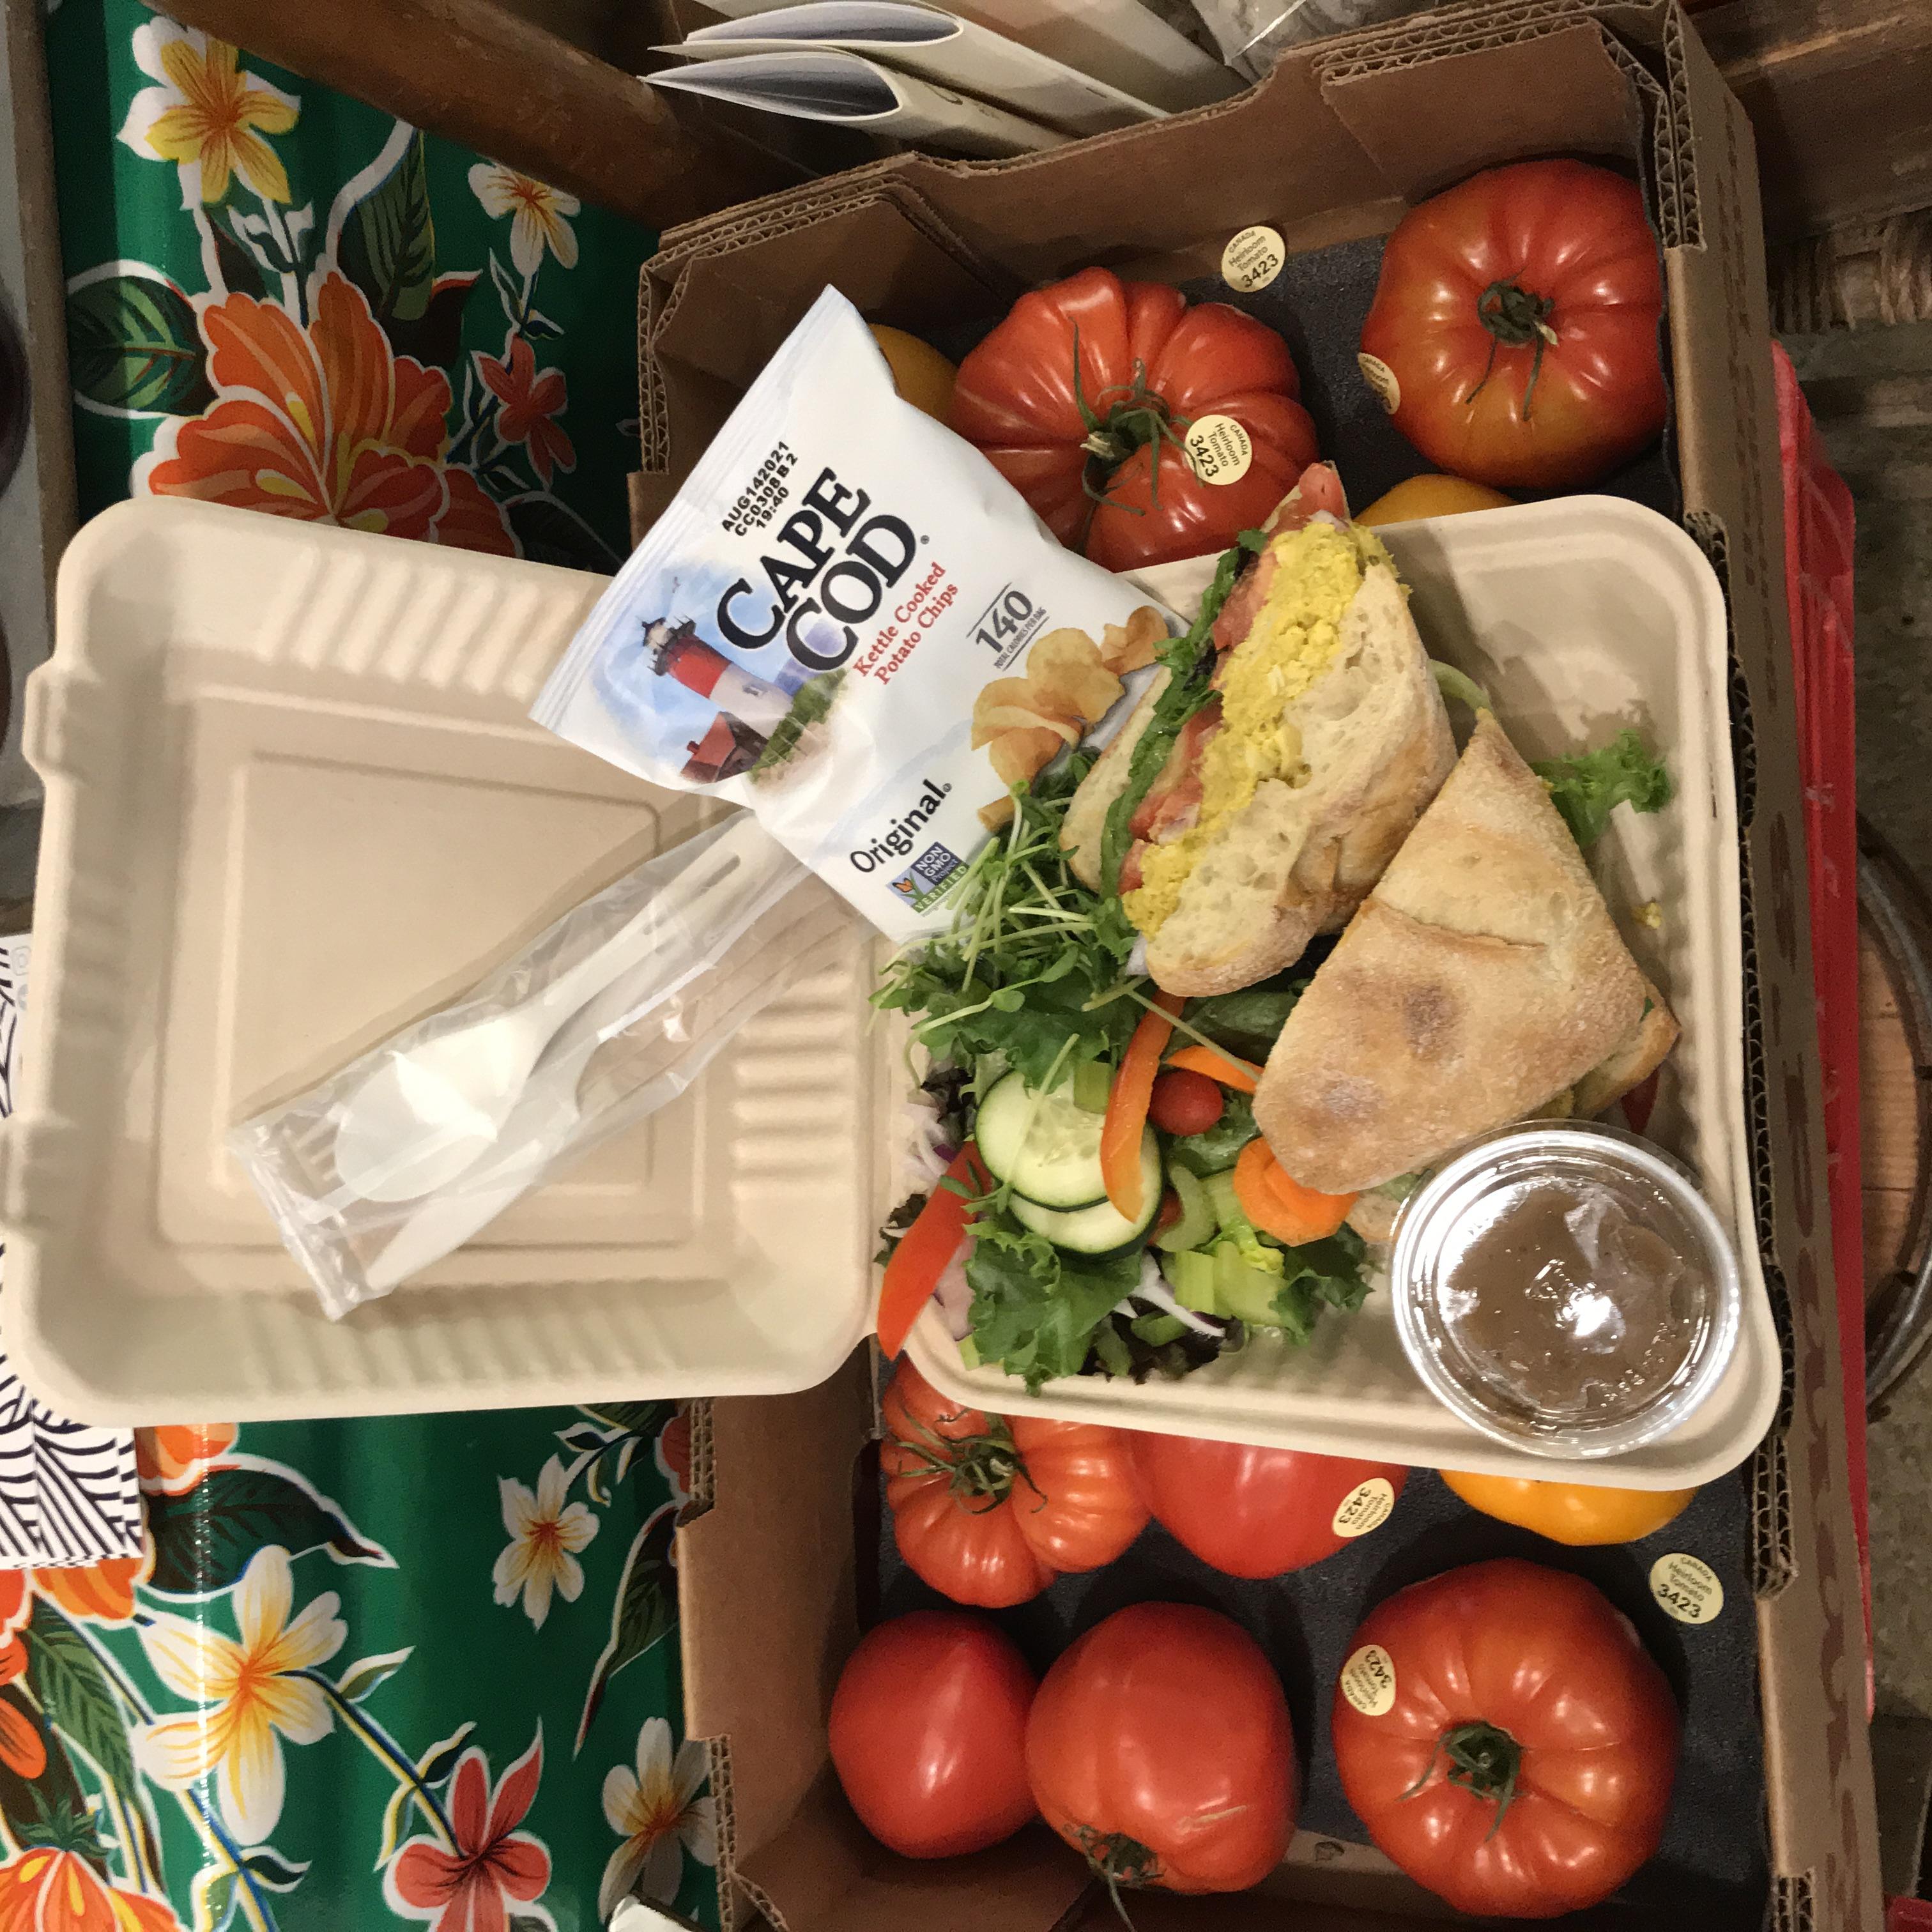 Willowrest Curried Chicken Salad Sandwich or Wrap